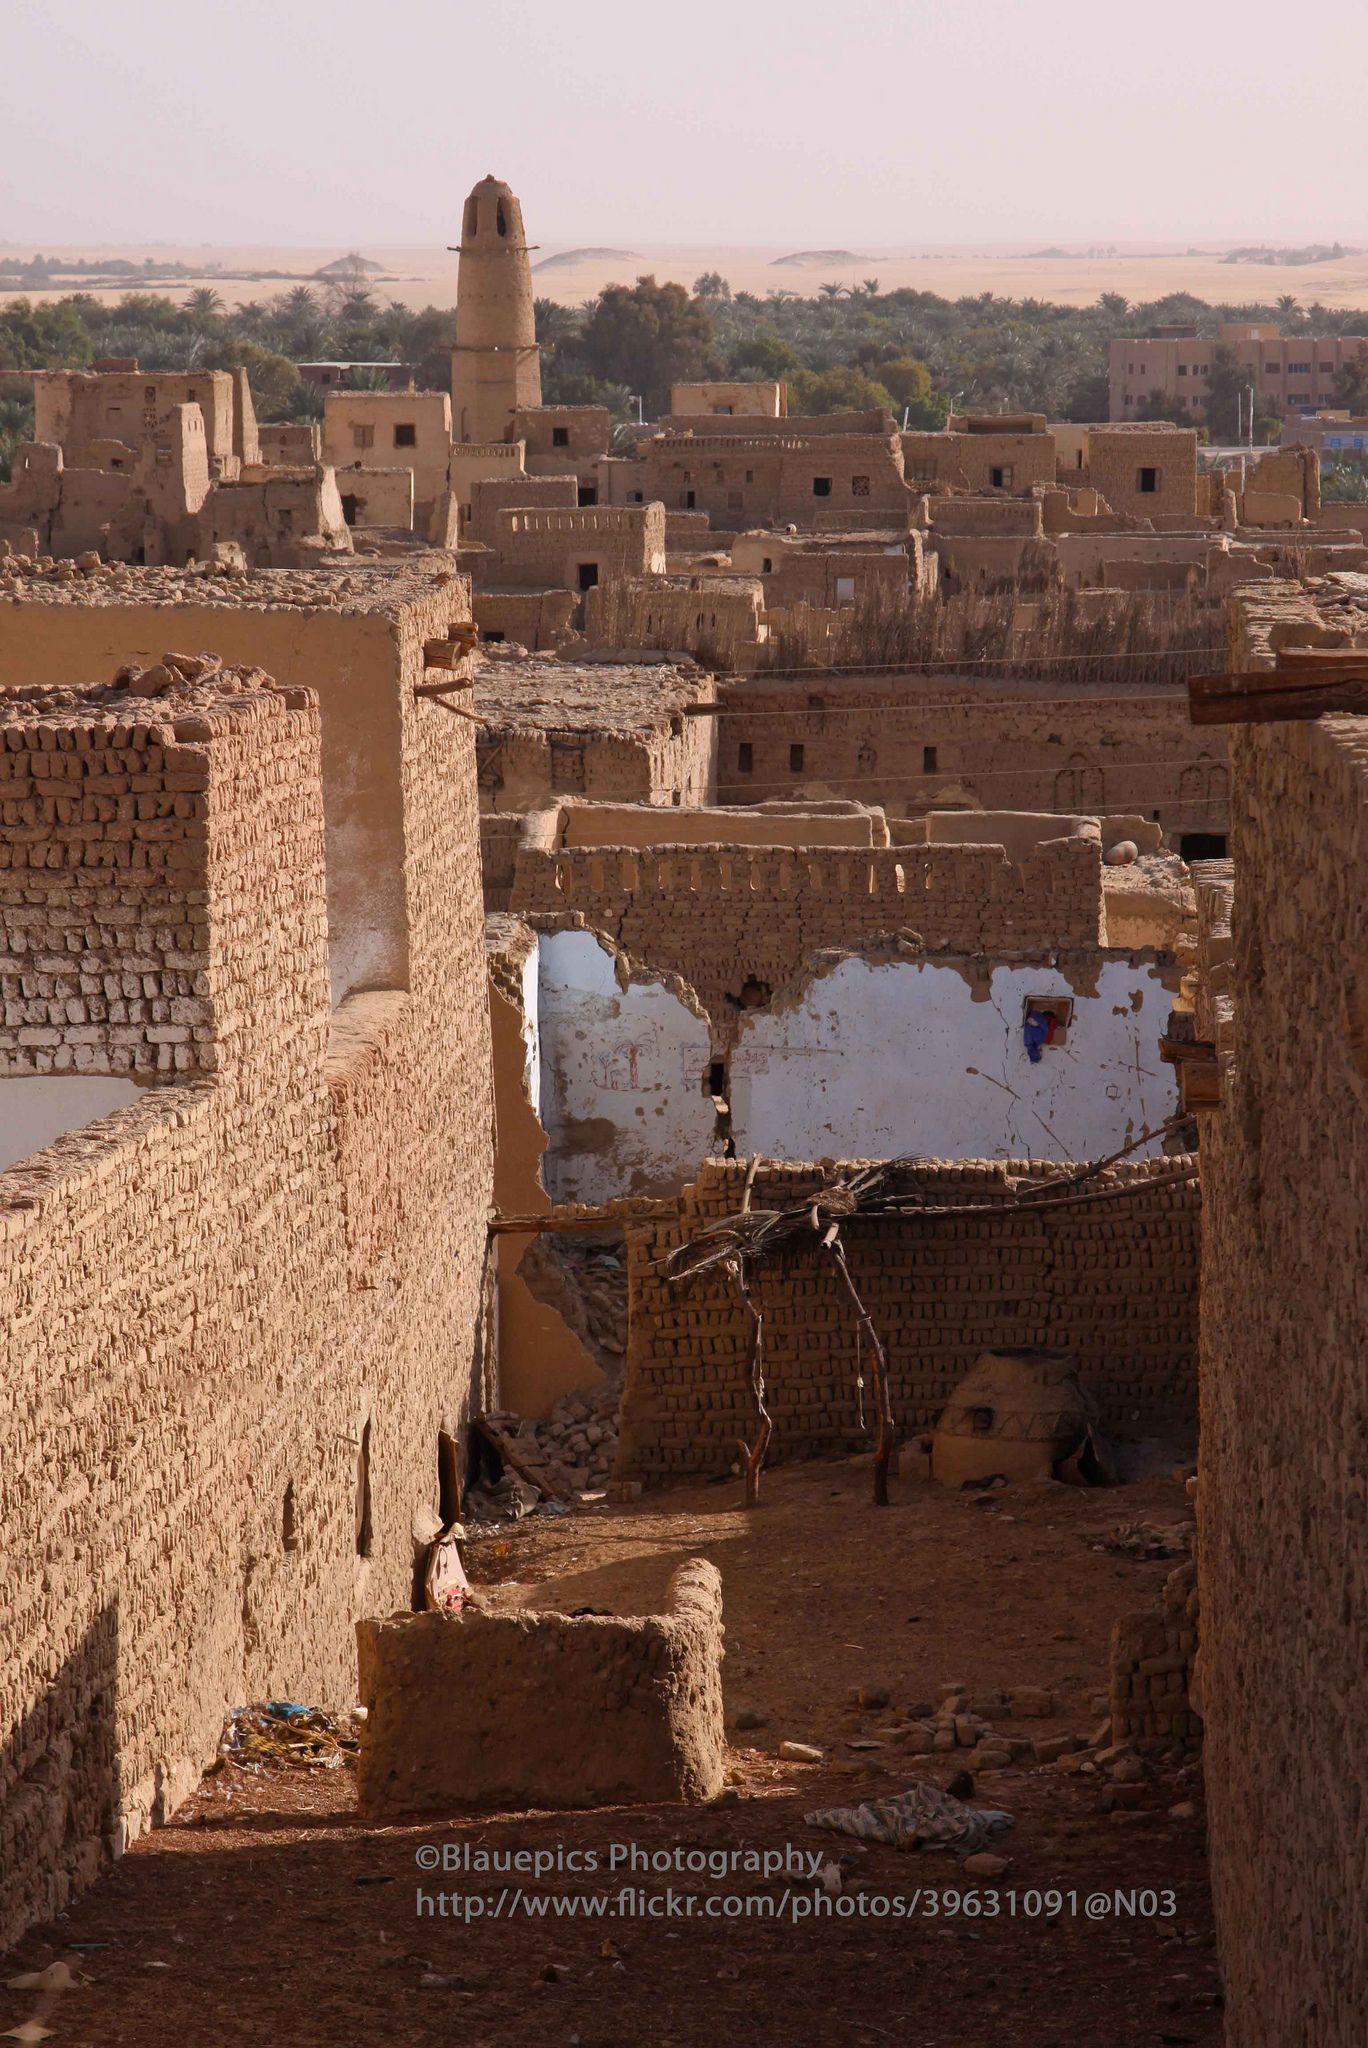 Dakhla Oasis, Al Qasr village